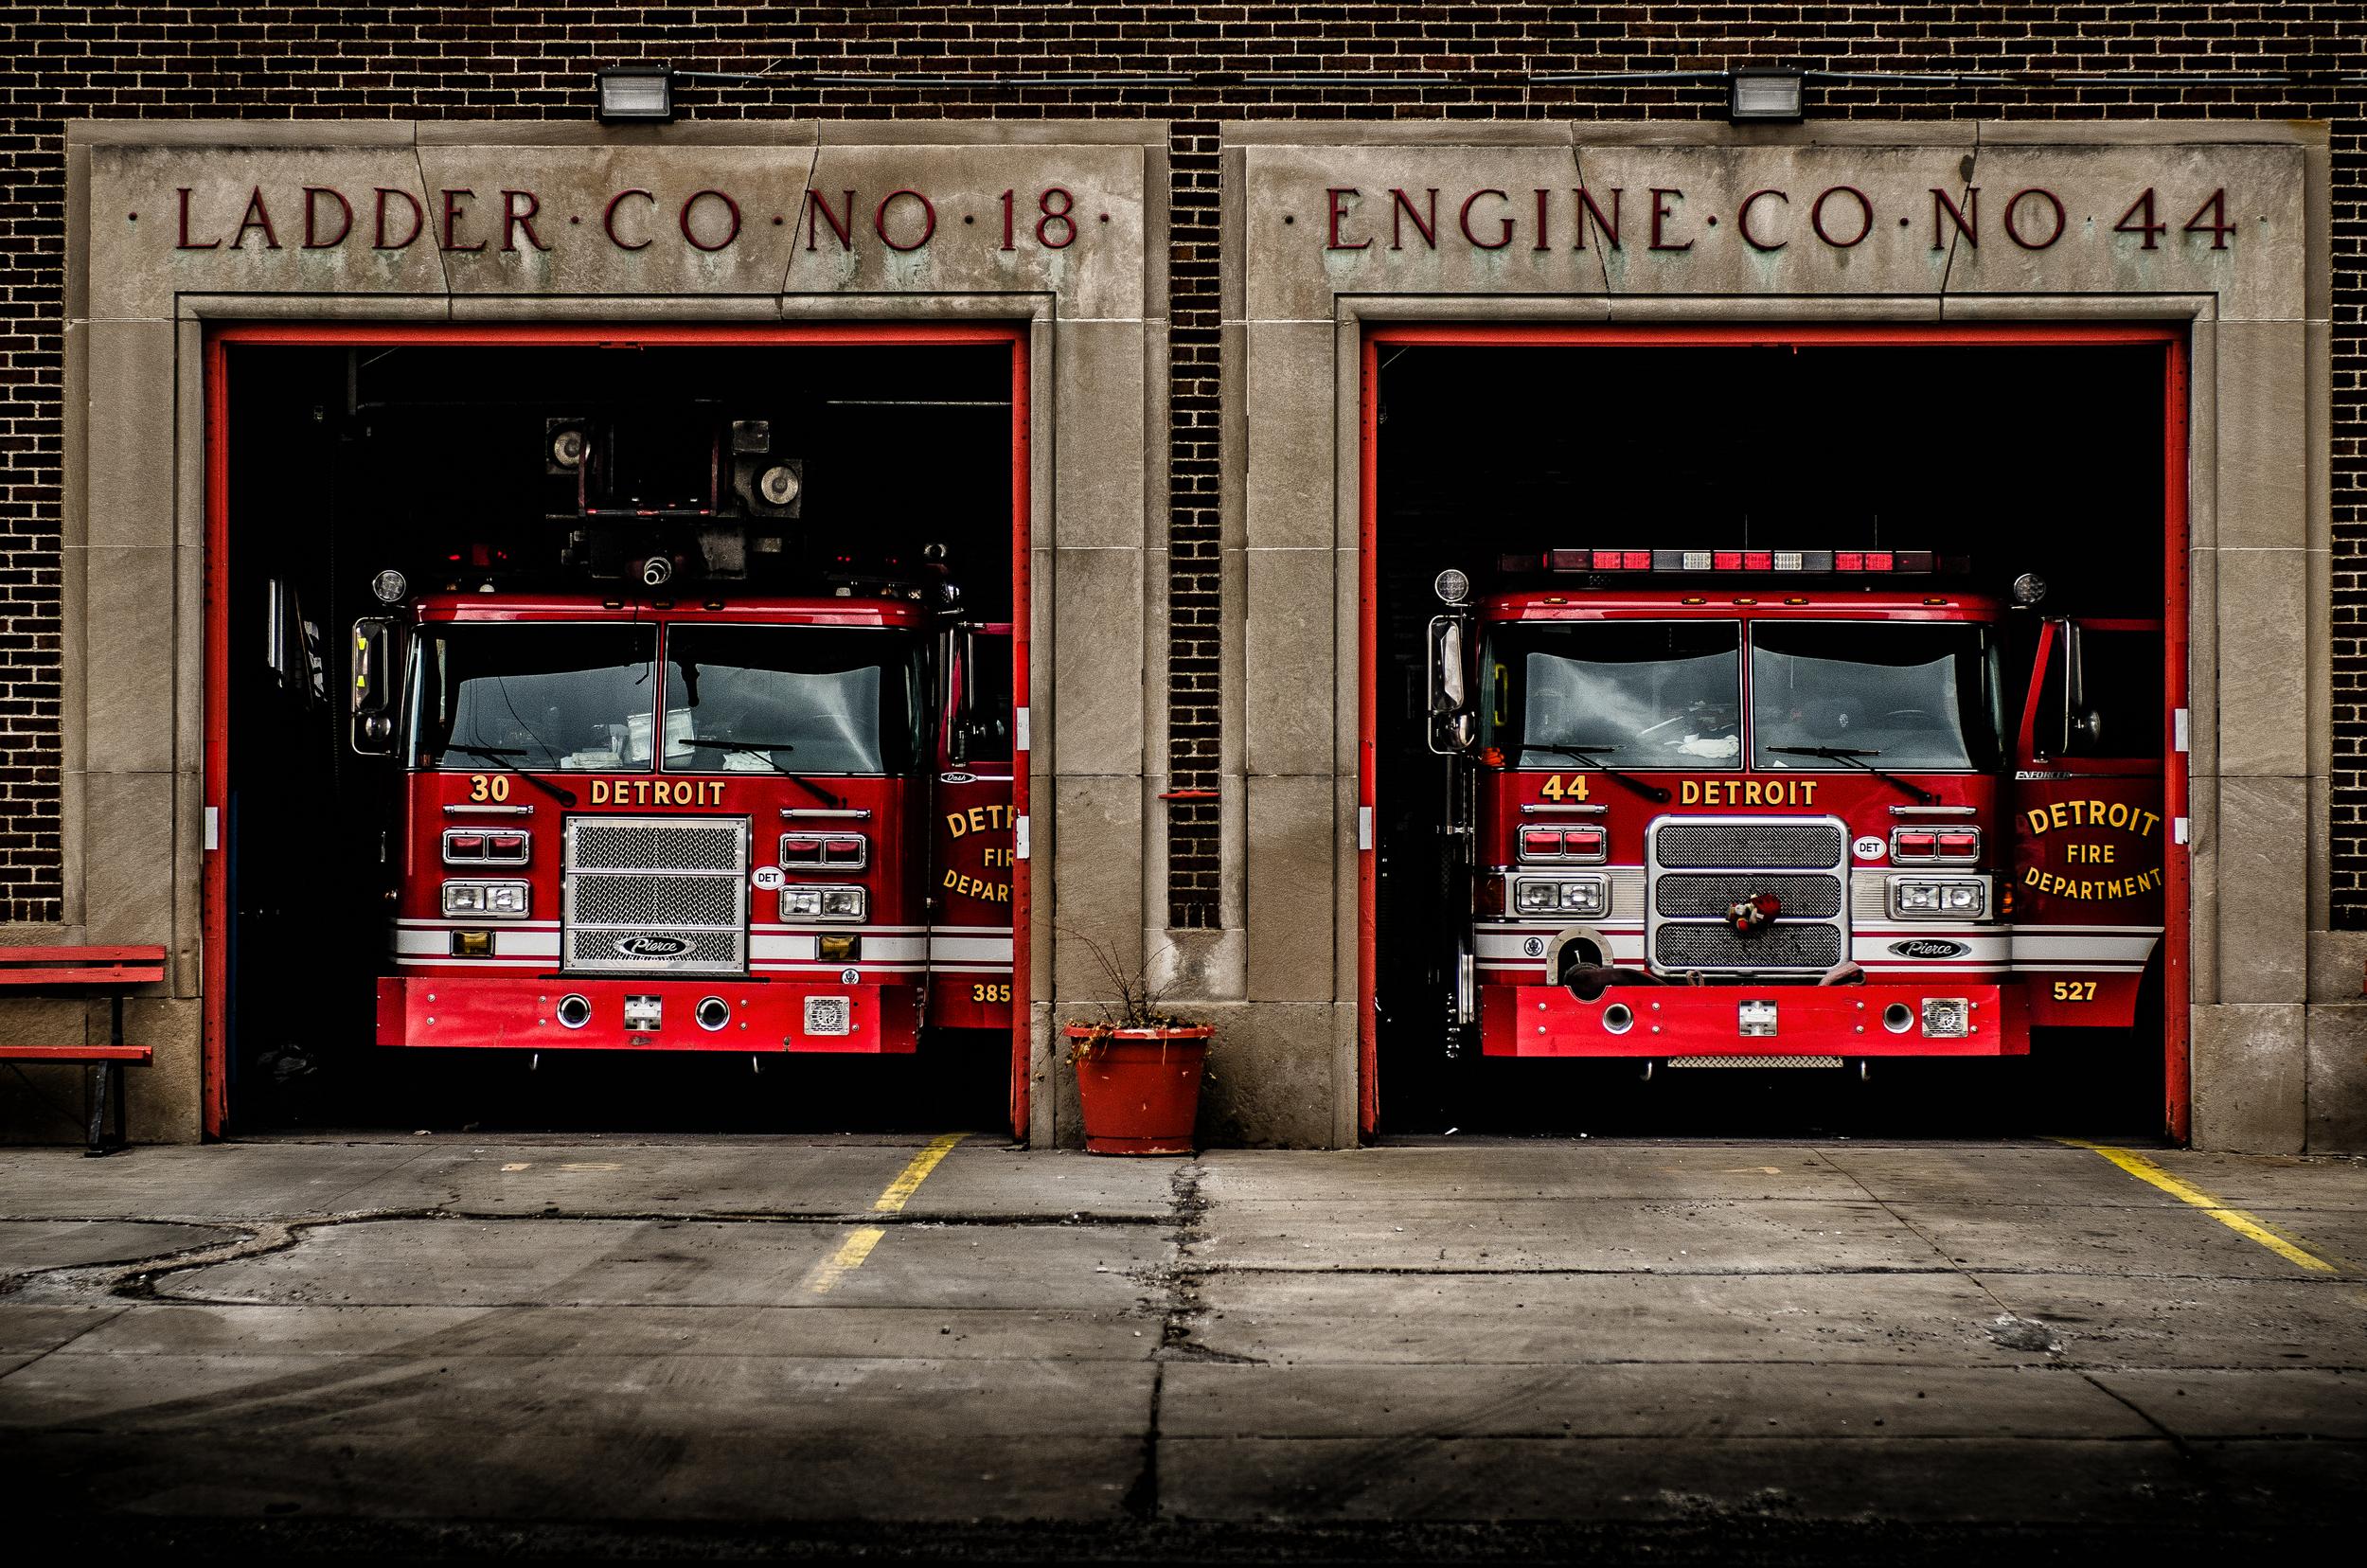 Detroit Firehouse Ladder Co